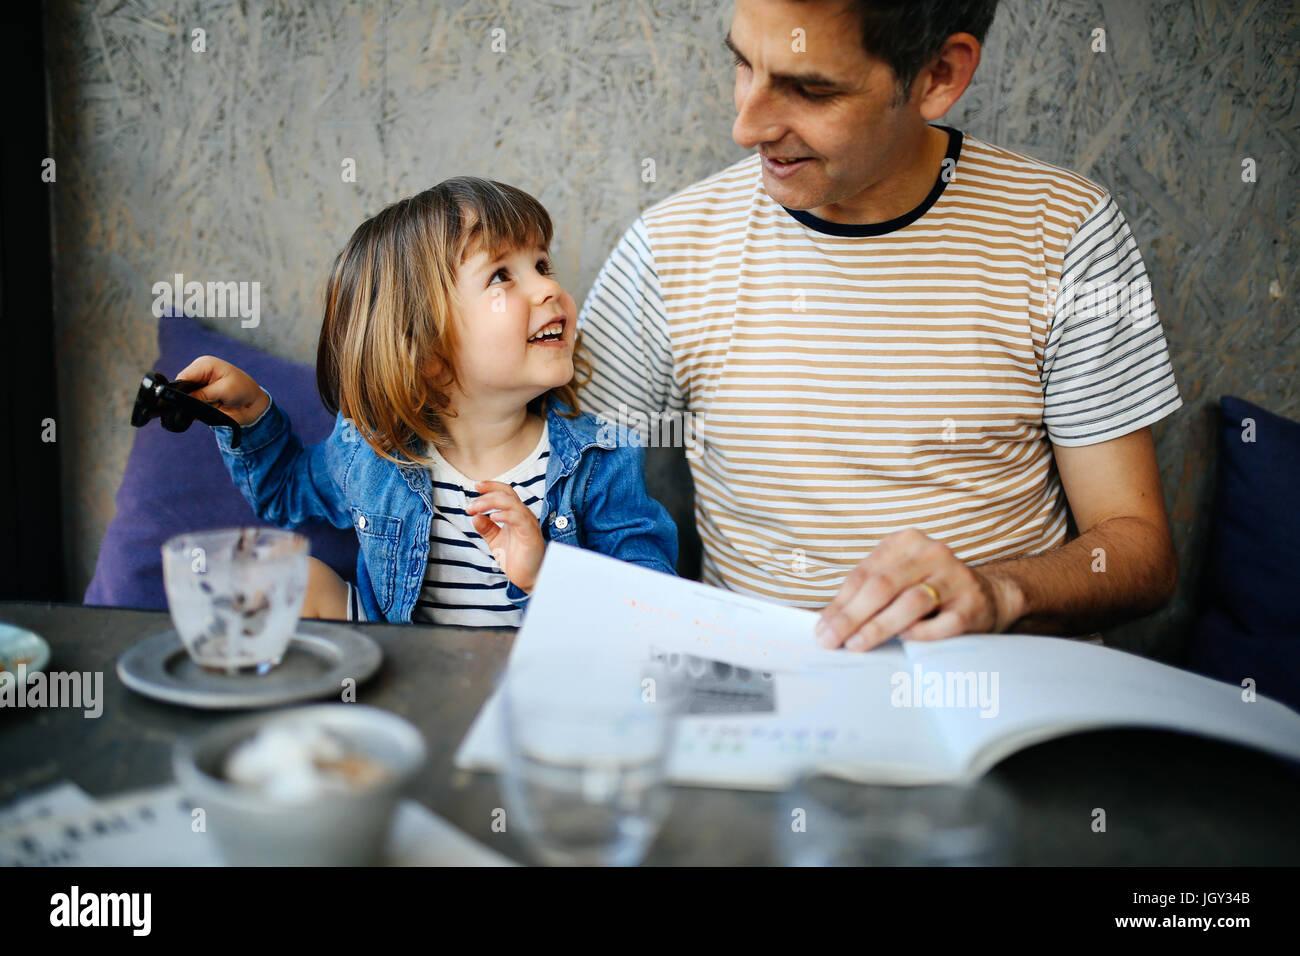 Fille jouant avec les lunettes de père en cafe Photo Stock